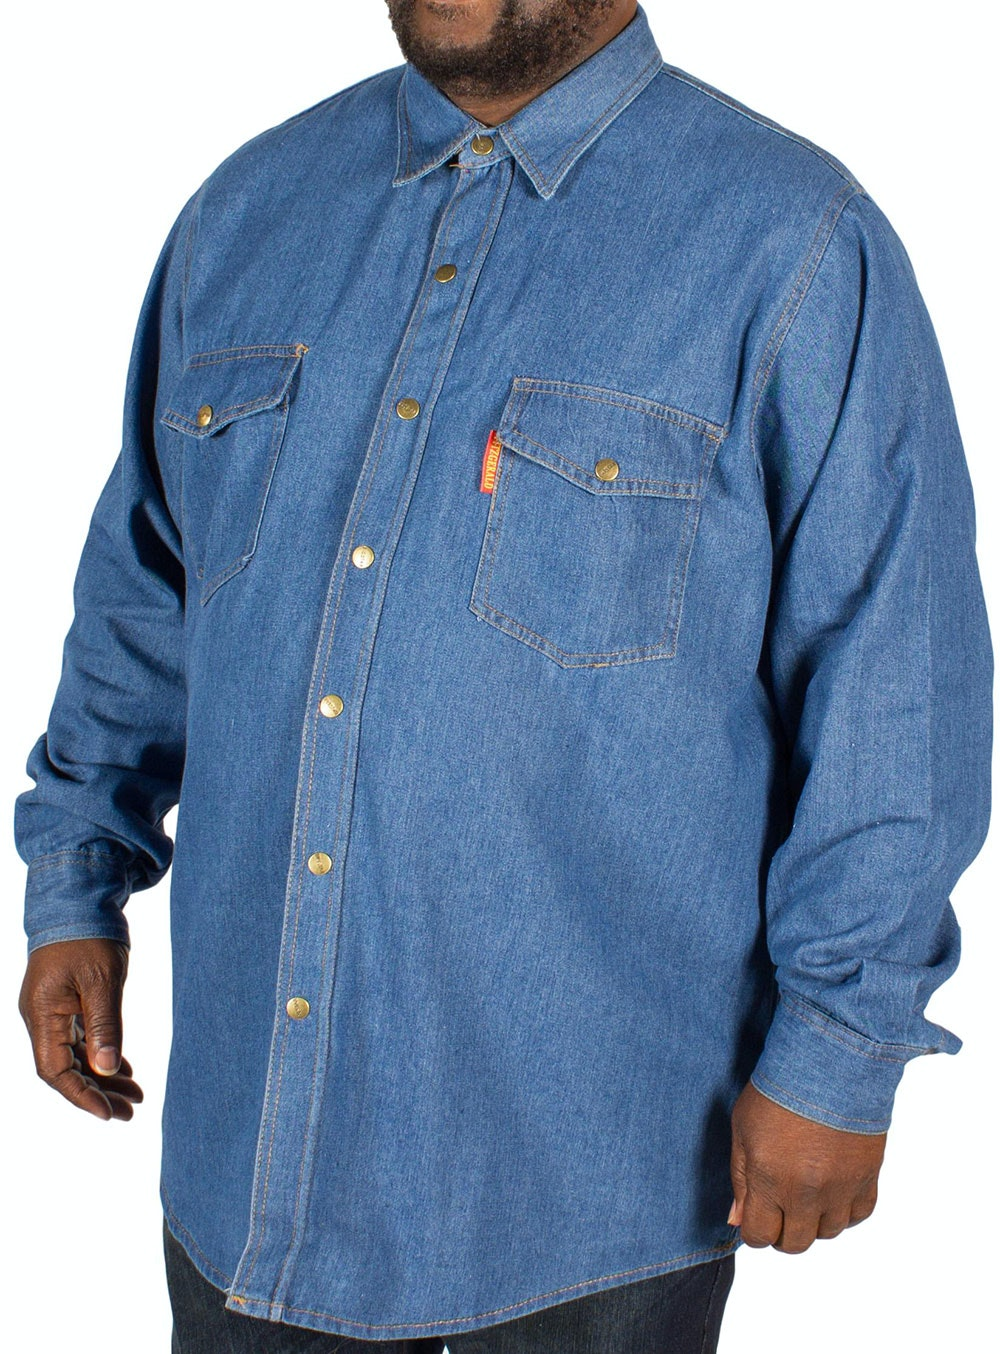 Fitzgerald Long Sleeve Denim Shirt